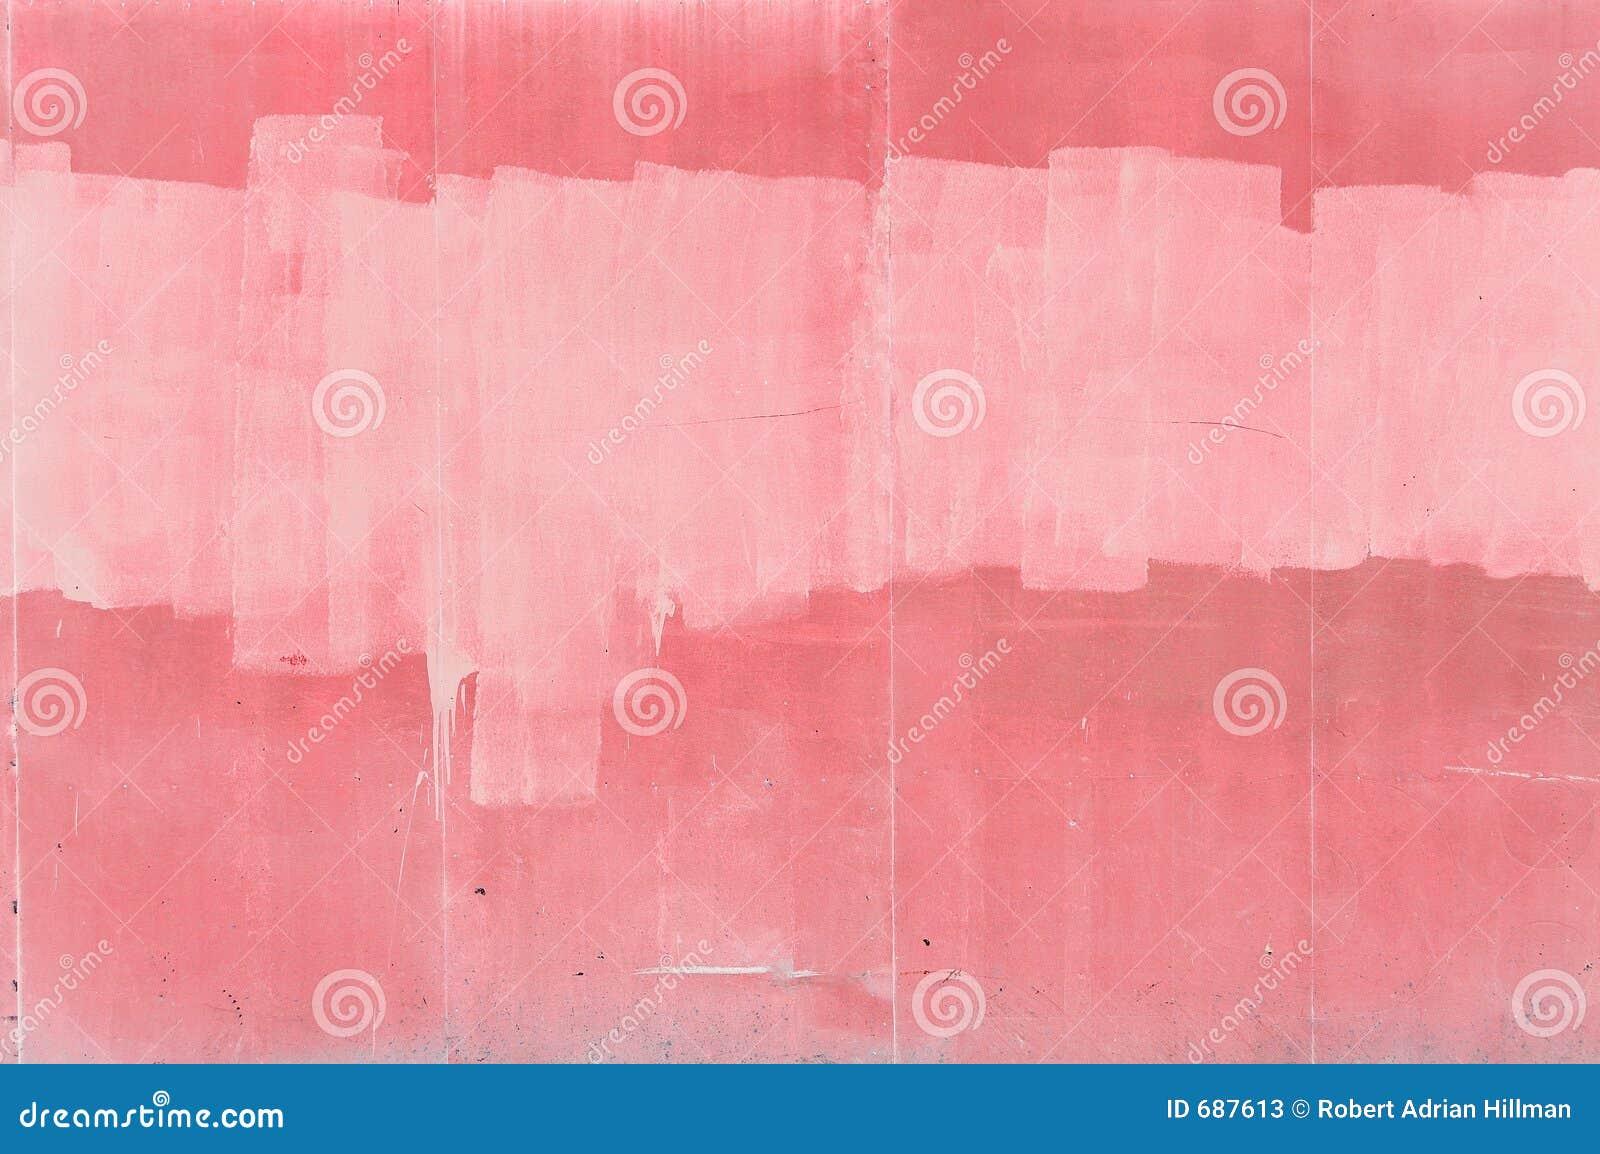 Wall Wall Pink 41